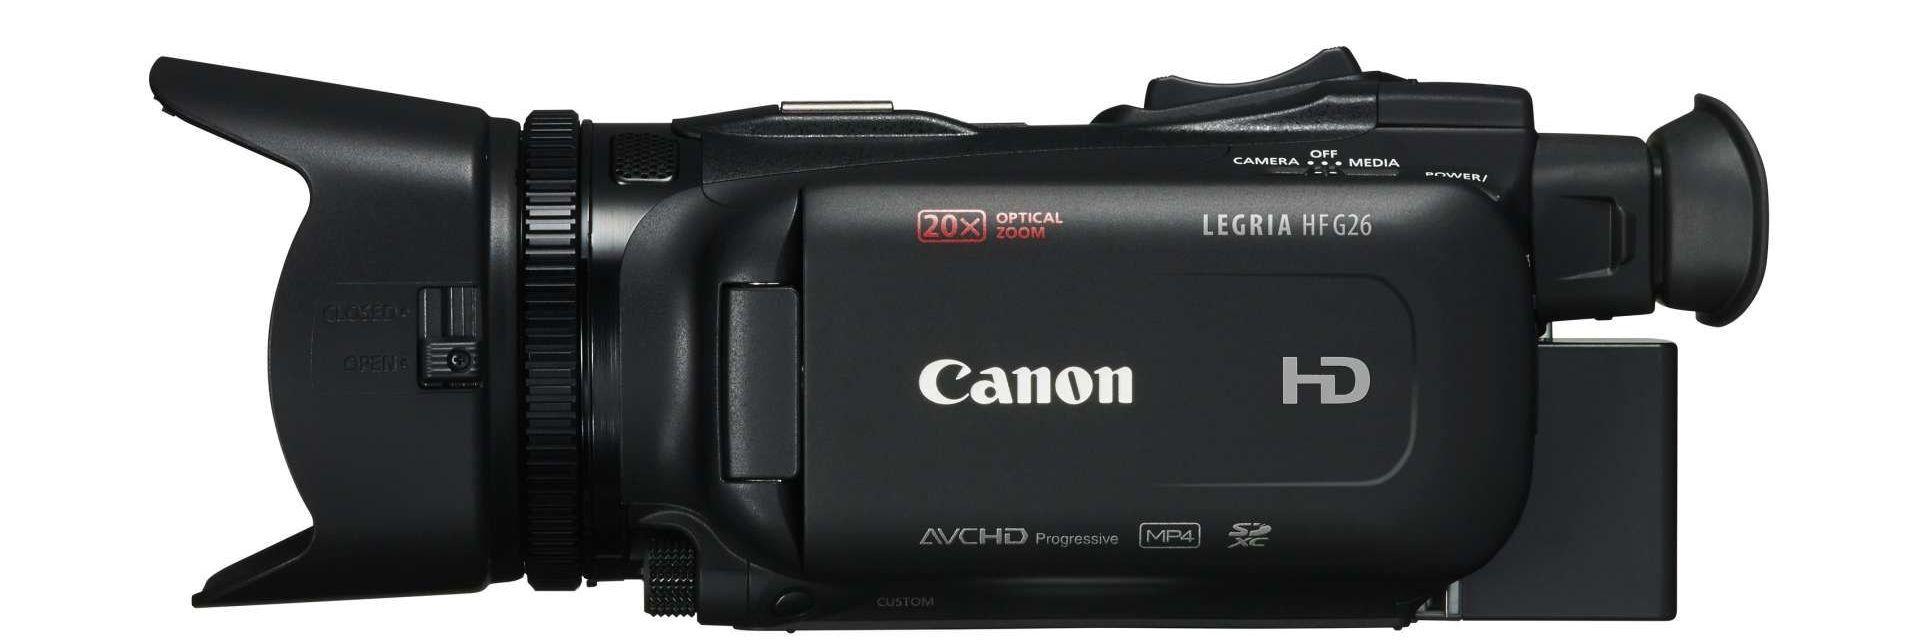 Canon LEGRIA HF G26 z boku